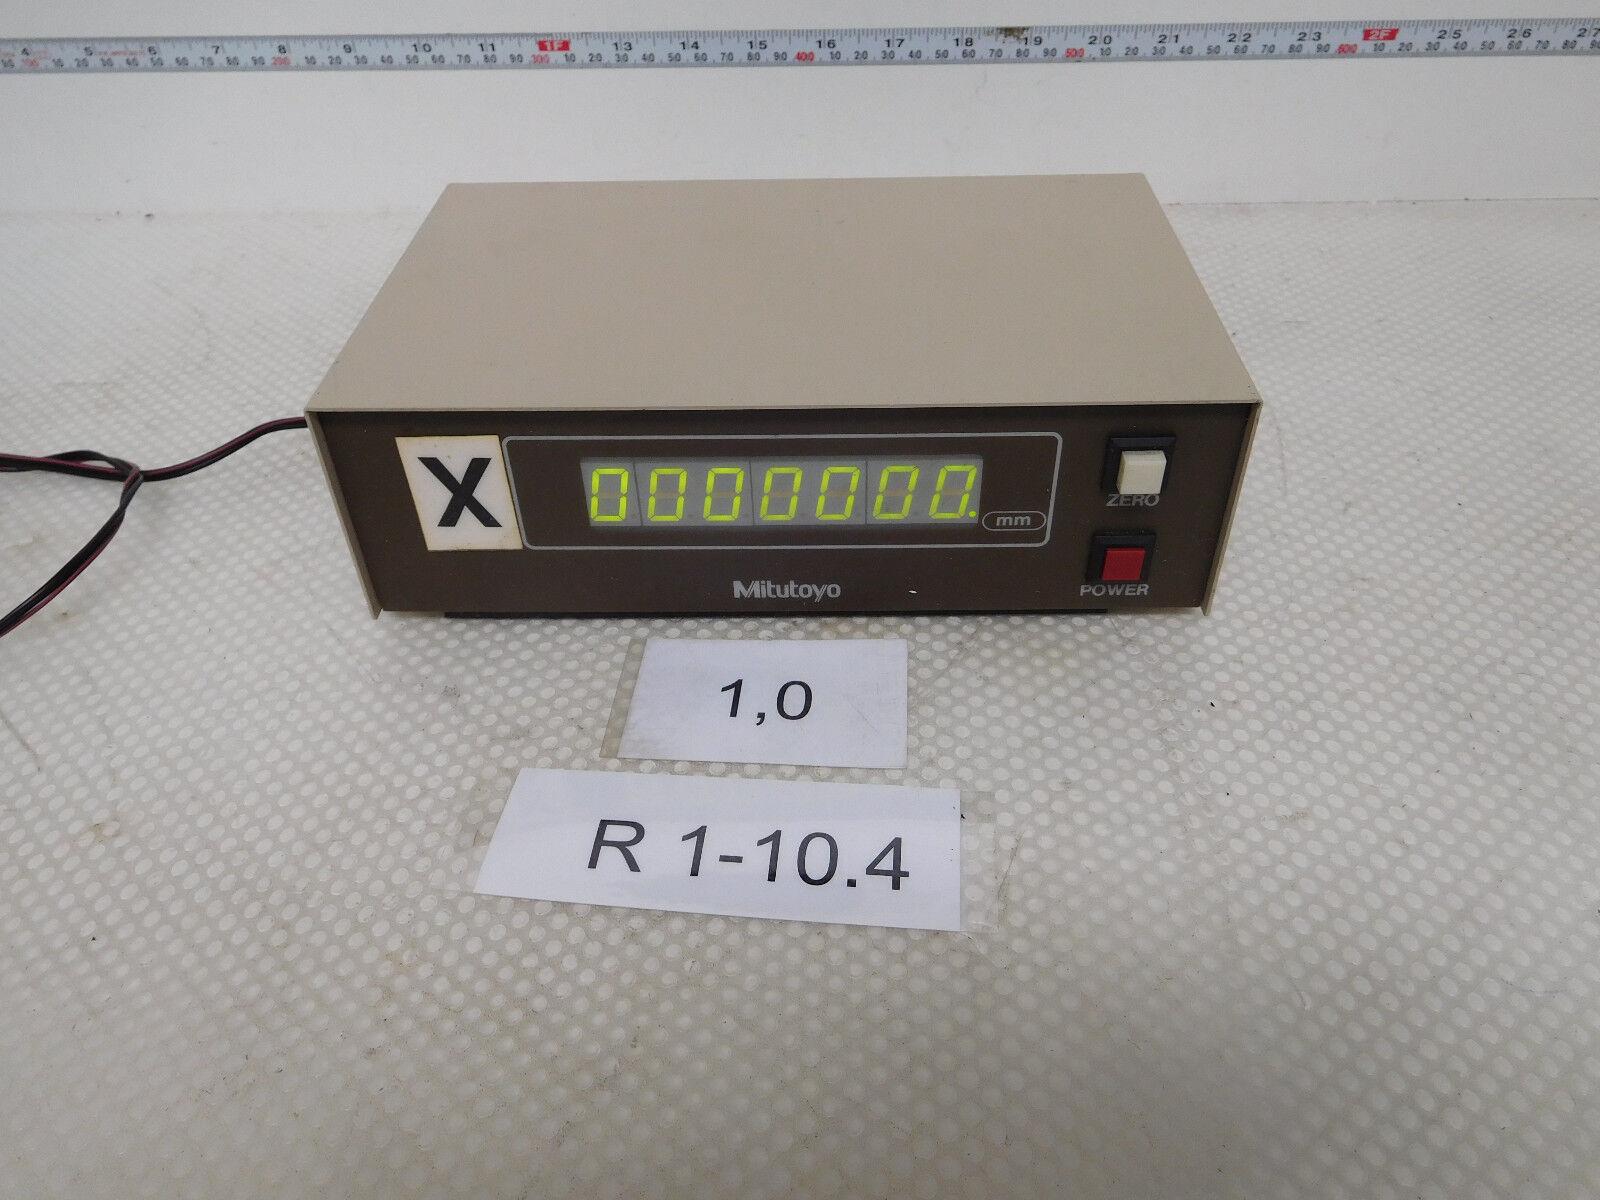 Mitutoyo SD-D1, Mitutoyo Code 572-001, Digital Display for Xyz Axle